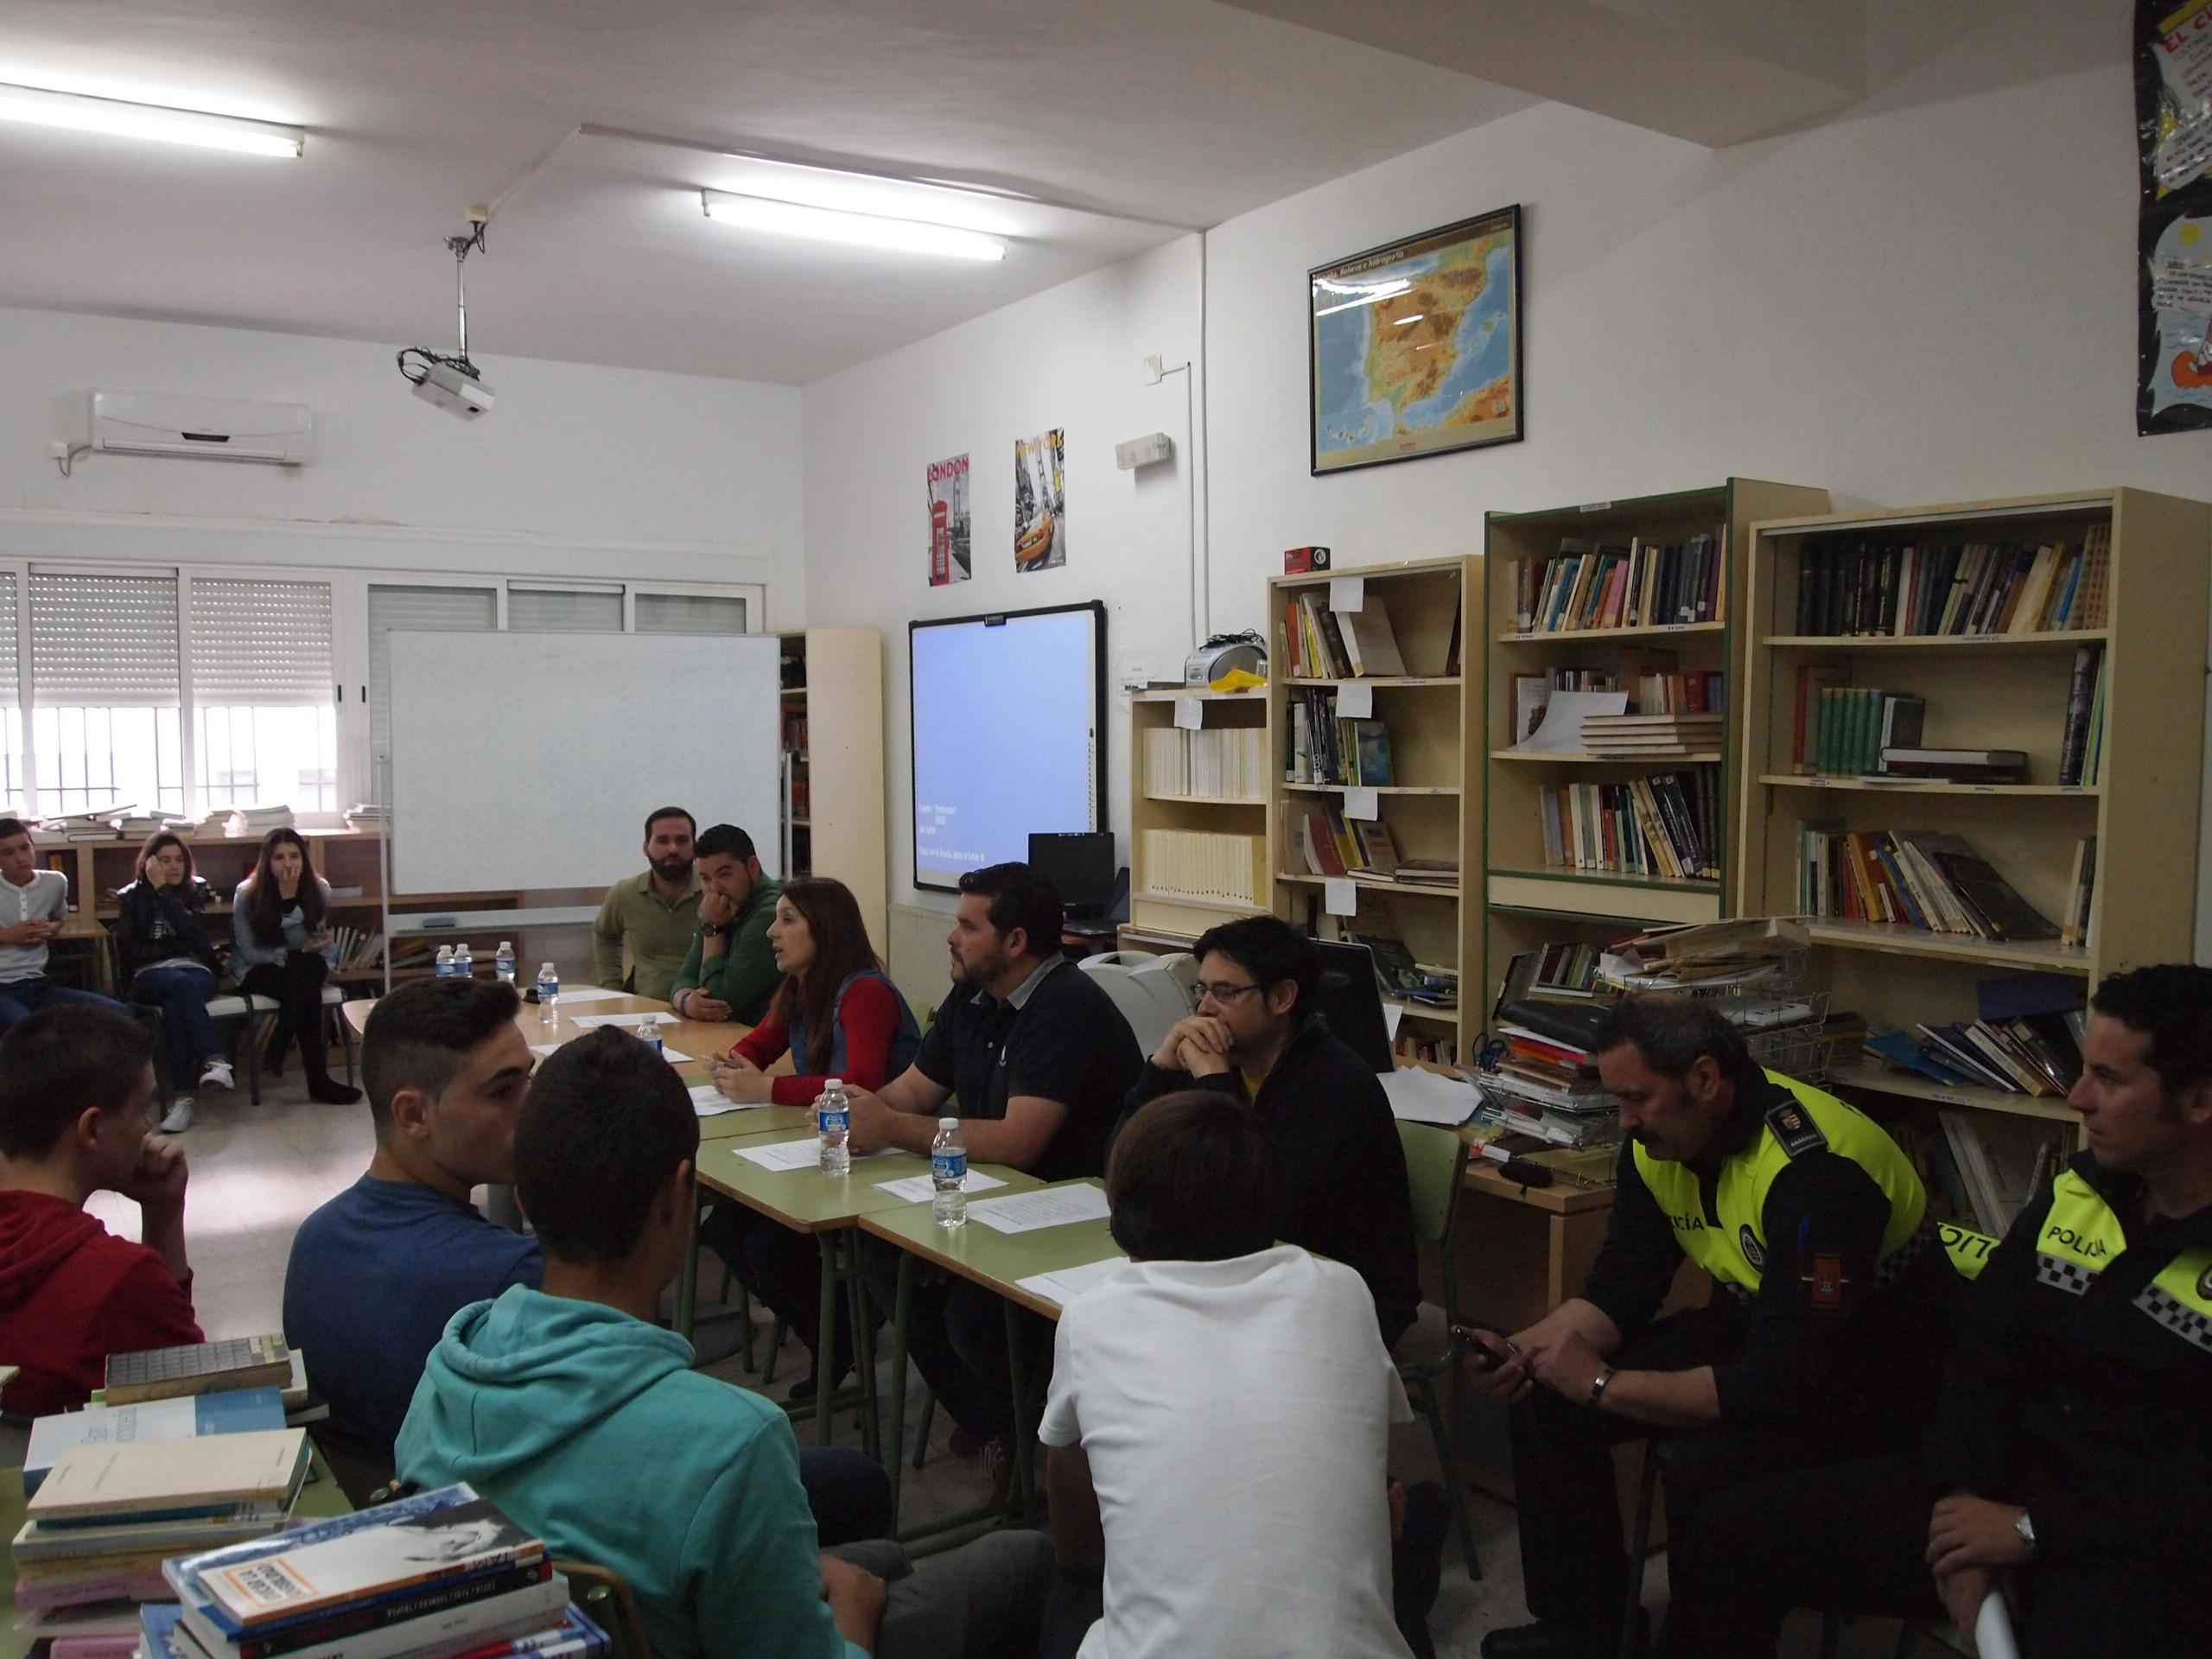 El IES Benazaire organiza unas jornadas de orientación académica y profesional para sus alumnos